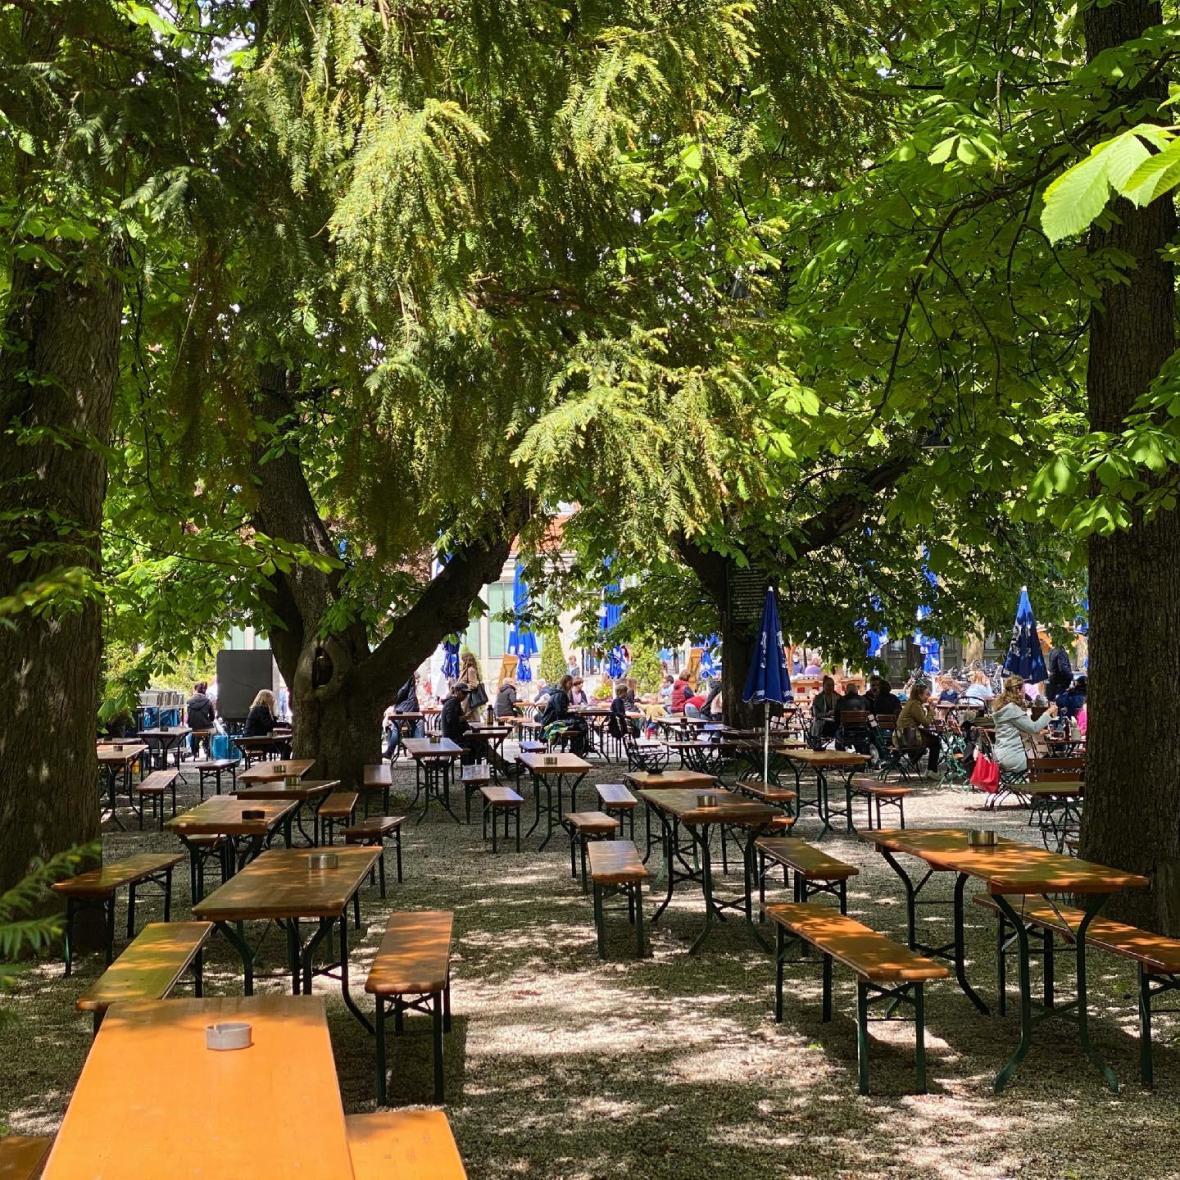 Biergarten Wirtshaus am Bavariapark, Foto: Anette Göttlicher